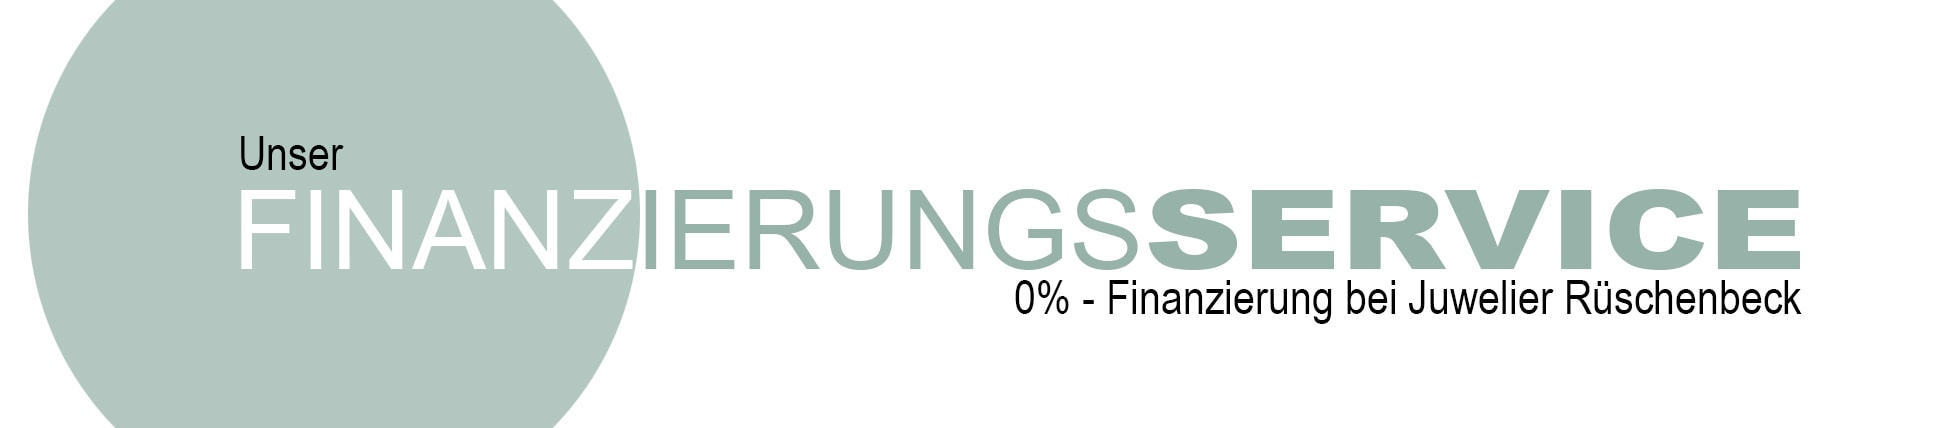 Rüschenbeck Finanzierungsservice